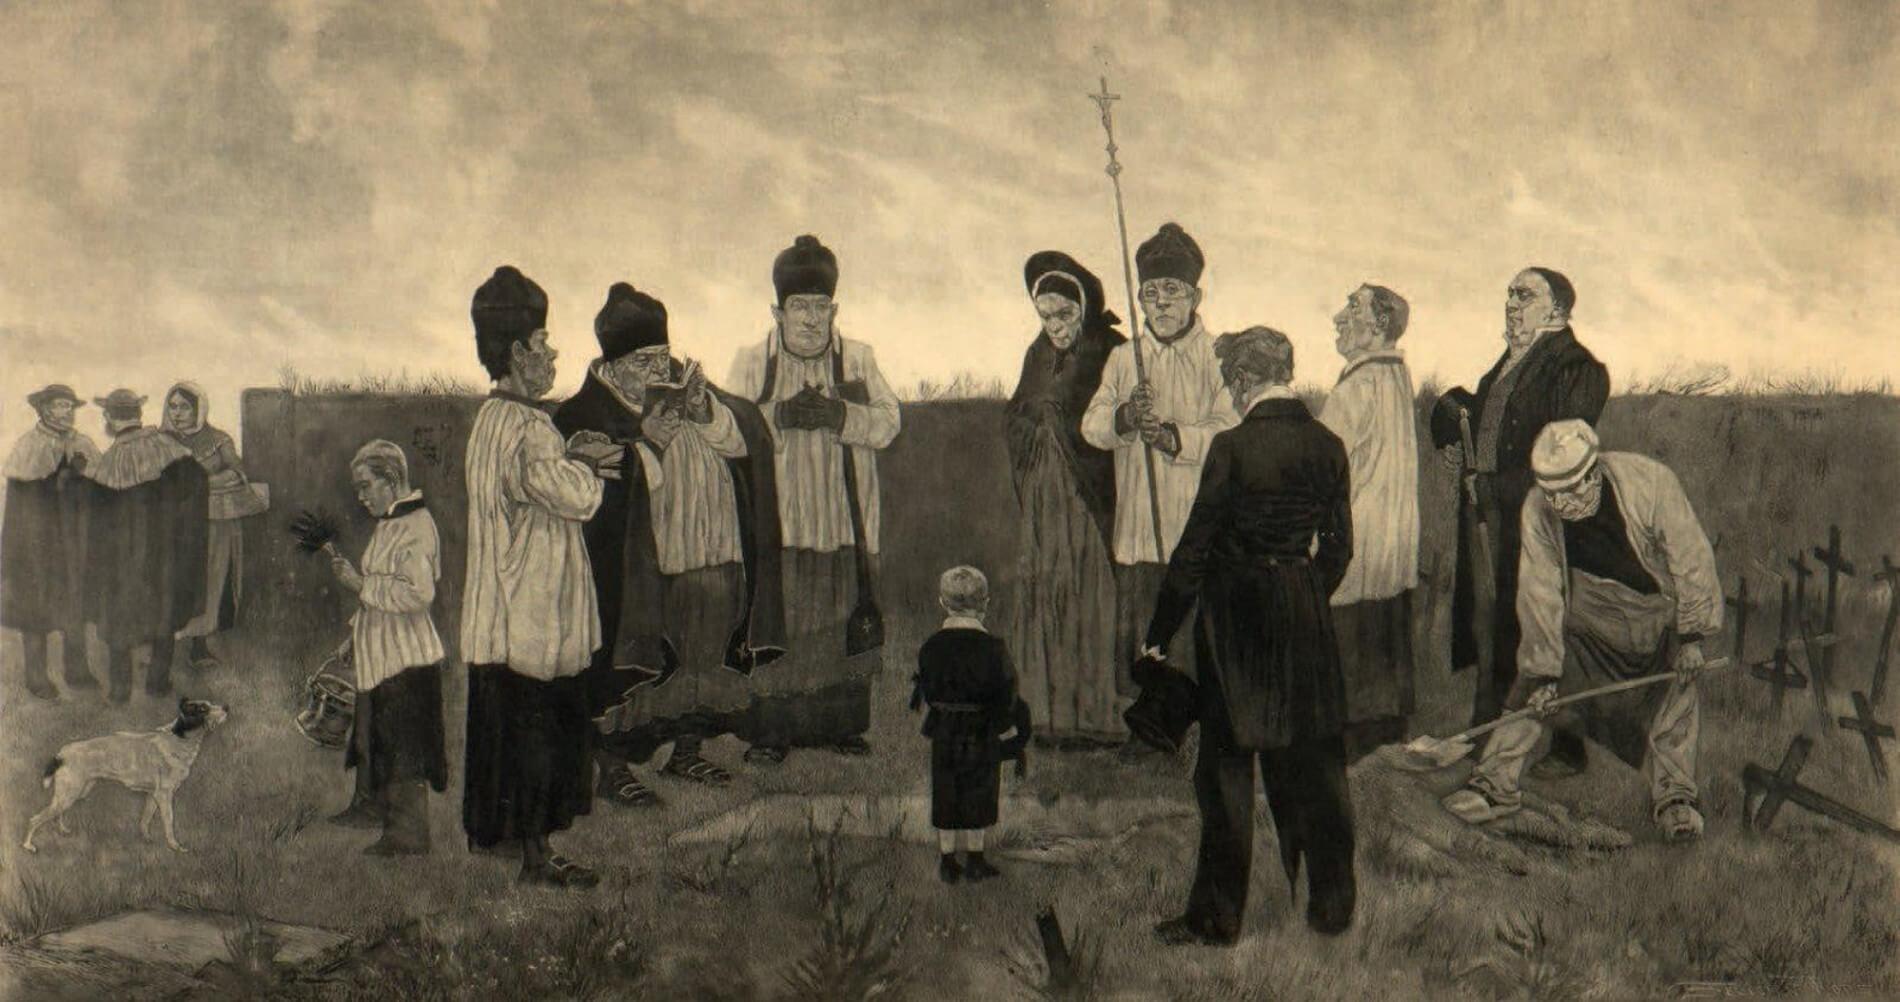 Félicien Rops.Baudelaire correspondentie België. Aan Julien Lemer,  Malassis, 15, 16 februari 1865. Vertalingen Vivienne Stringa